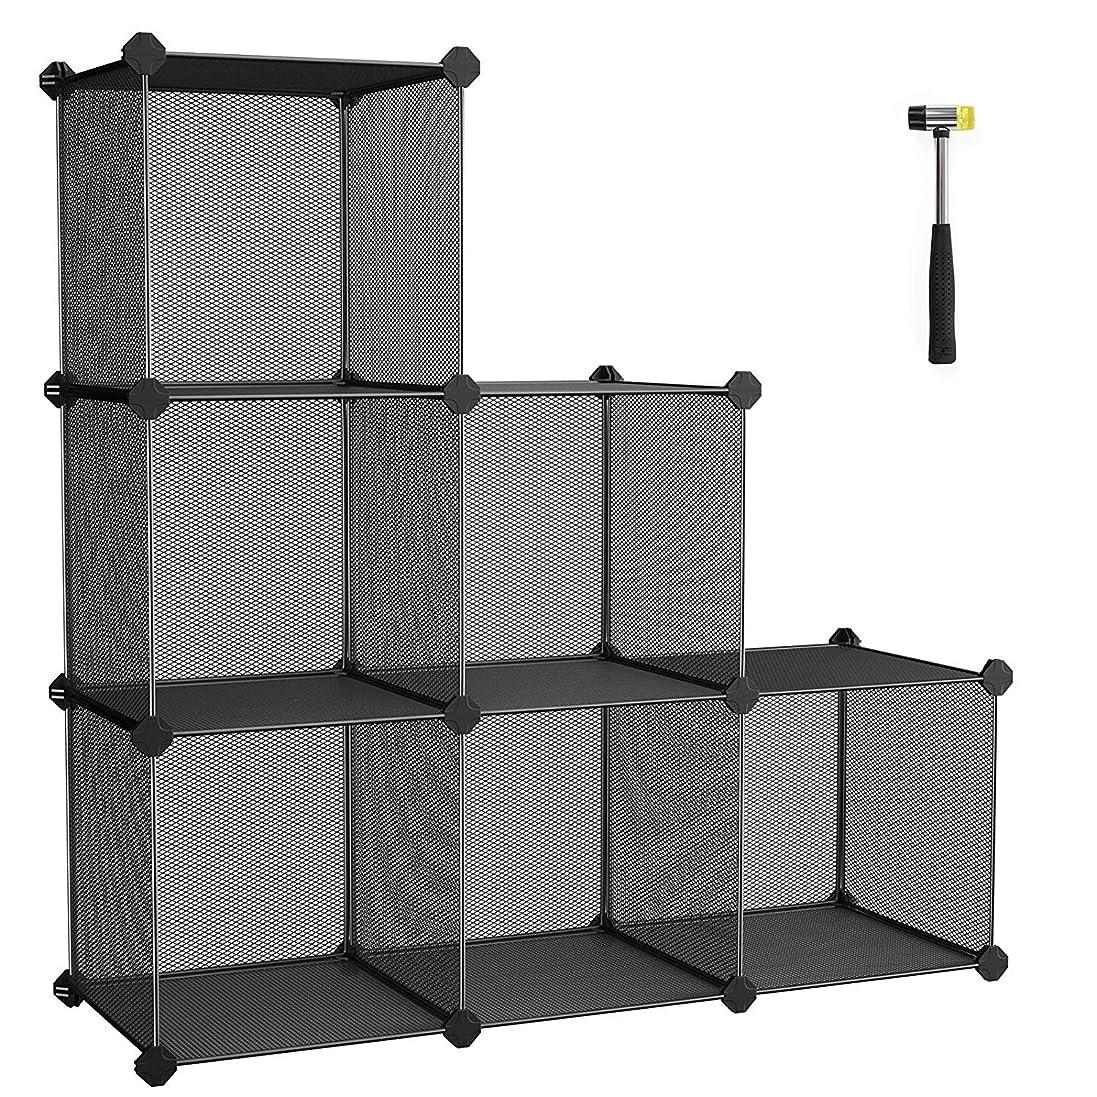 長椅子どこにもペースSONGMICS 組立式メタルラック オープンシェルフ 30×30×30cm 6box 本棚 整理棚 DIY可能 頑丈 ブラック NLPL111H